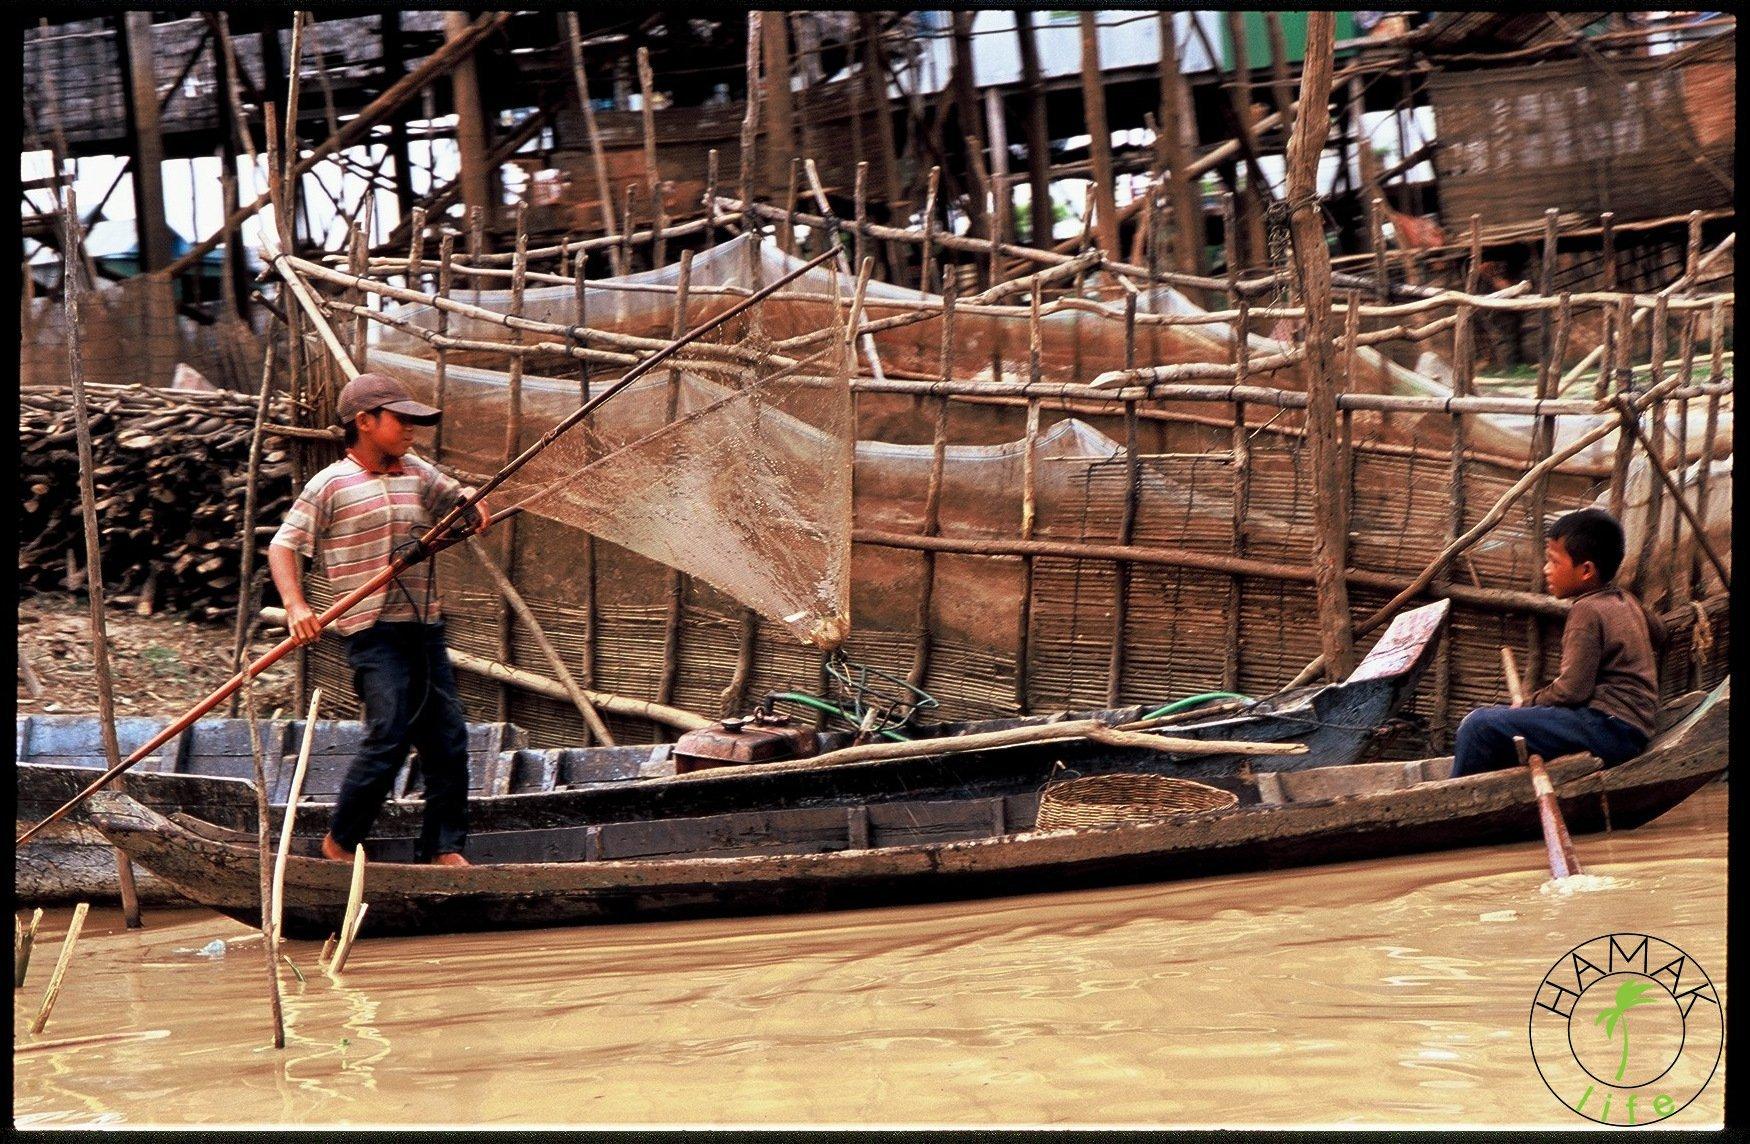 Chłopcy w Kambodży zarzucają sieć i łowią ryby.